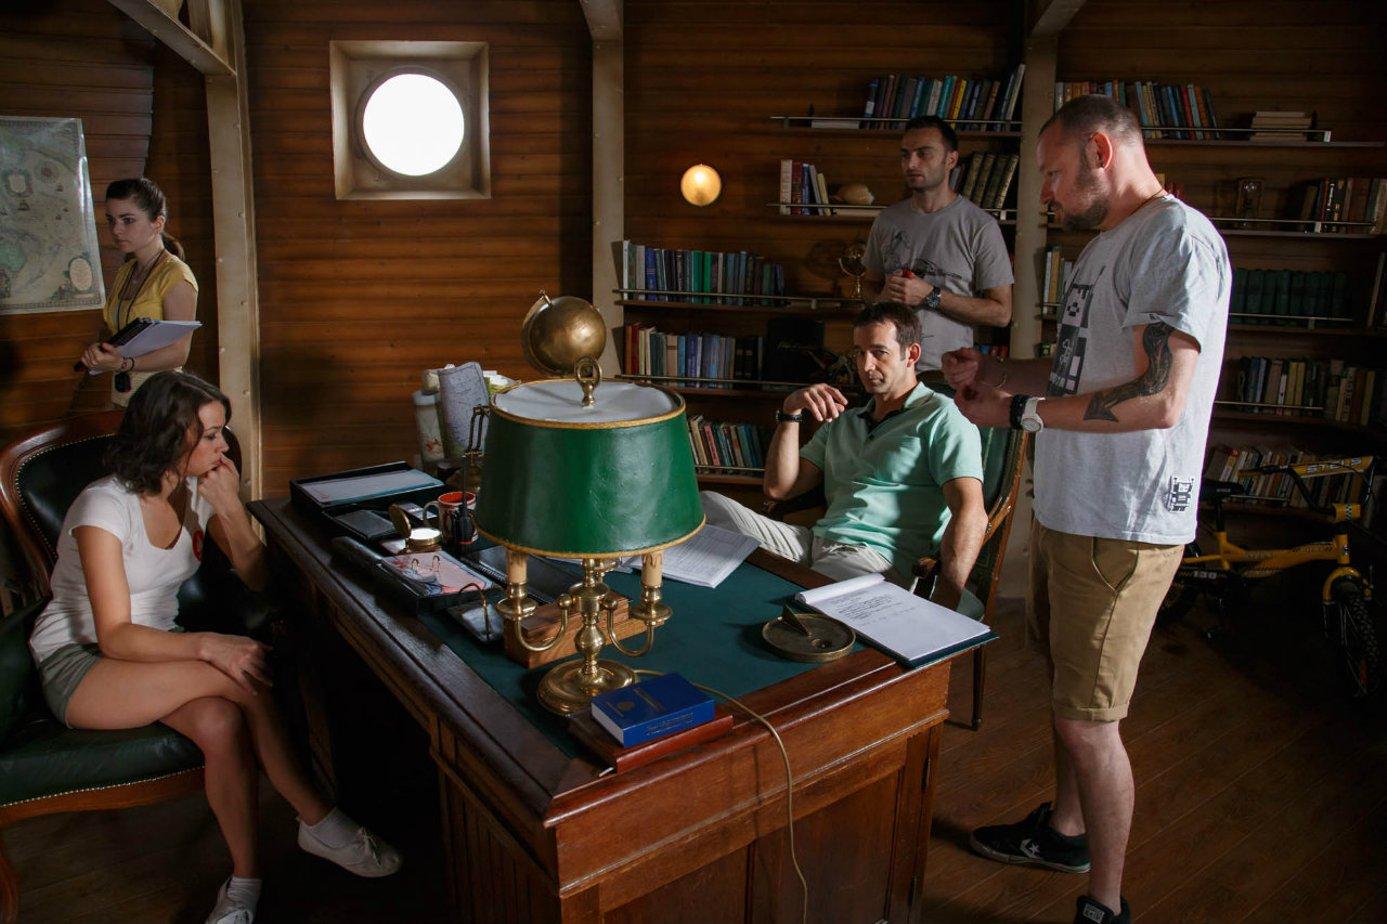 Список эротических фильмов на корабле фото 547-983